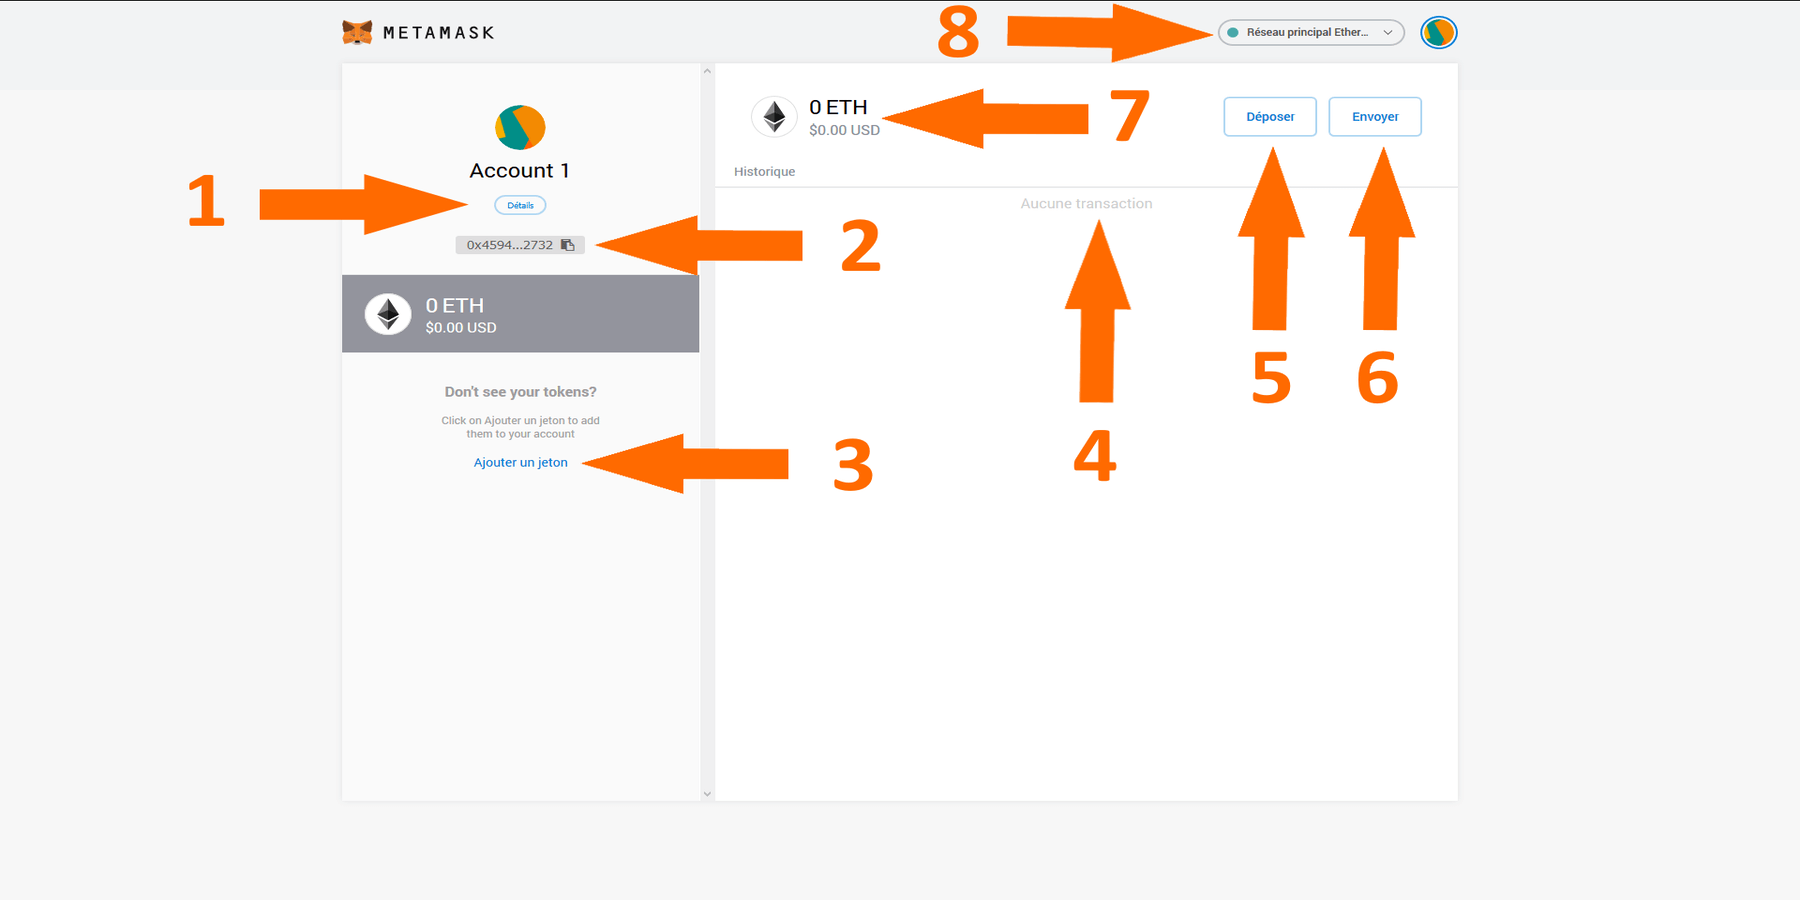 Comment utiliser MetaMask